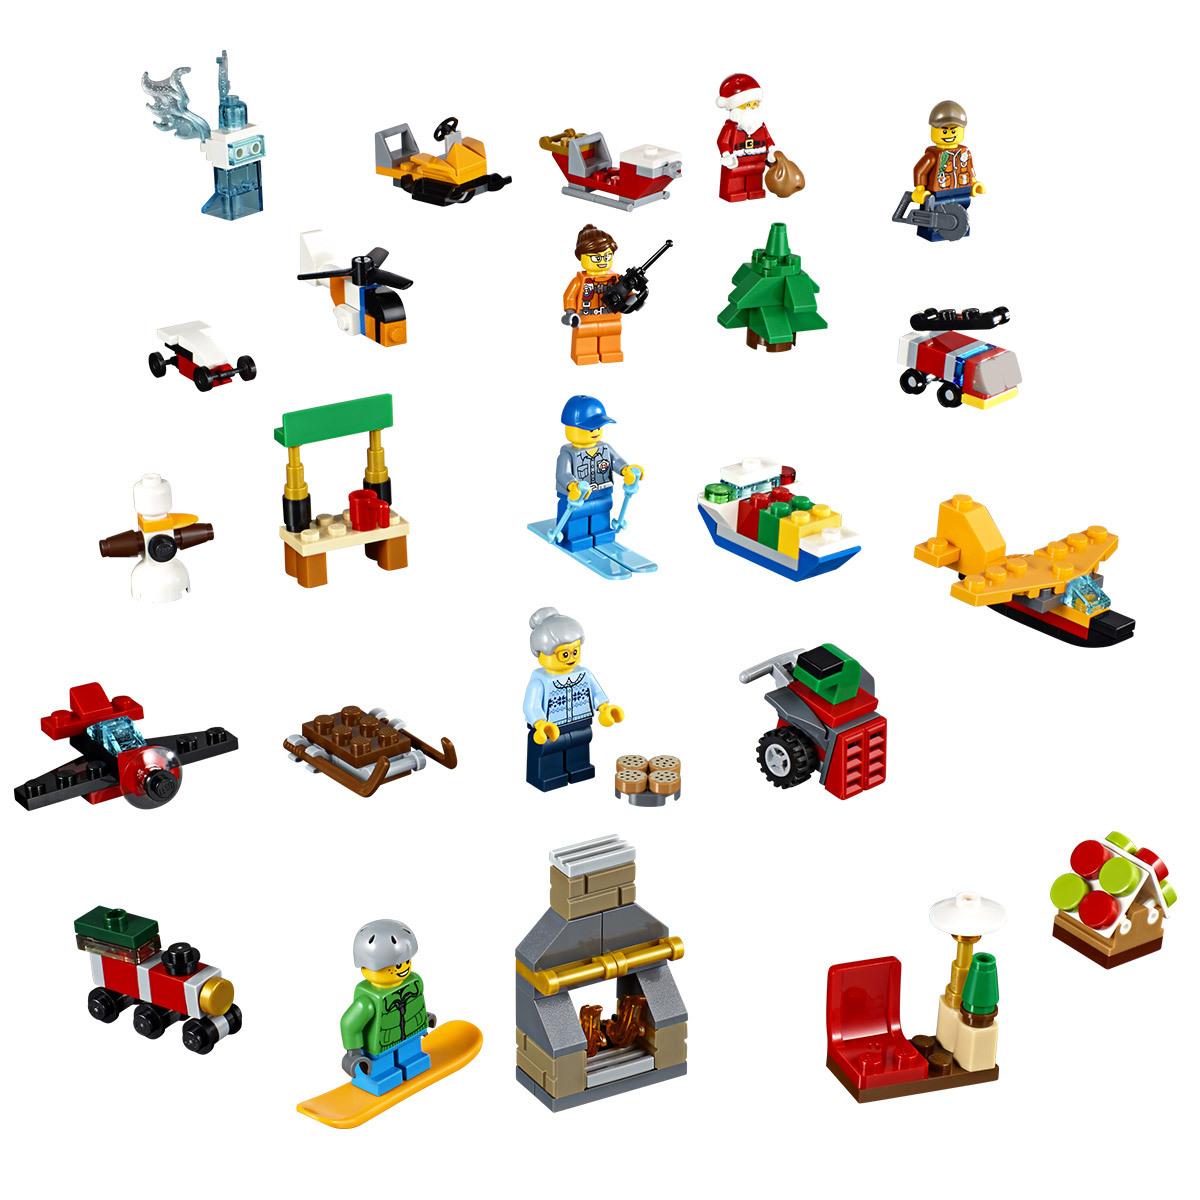 Calendrier Lego City.Qids Lego Calendrier De L Avent